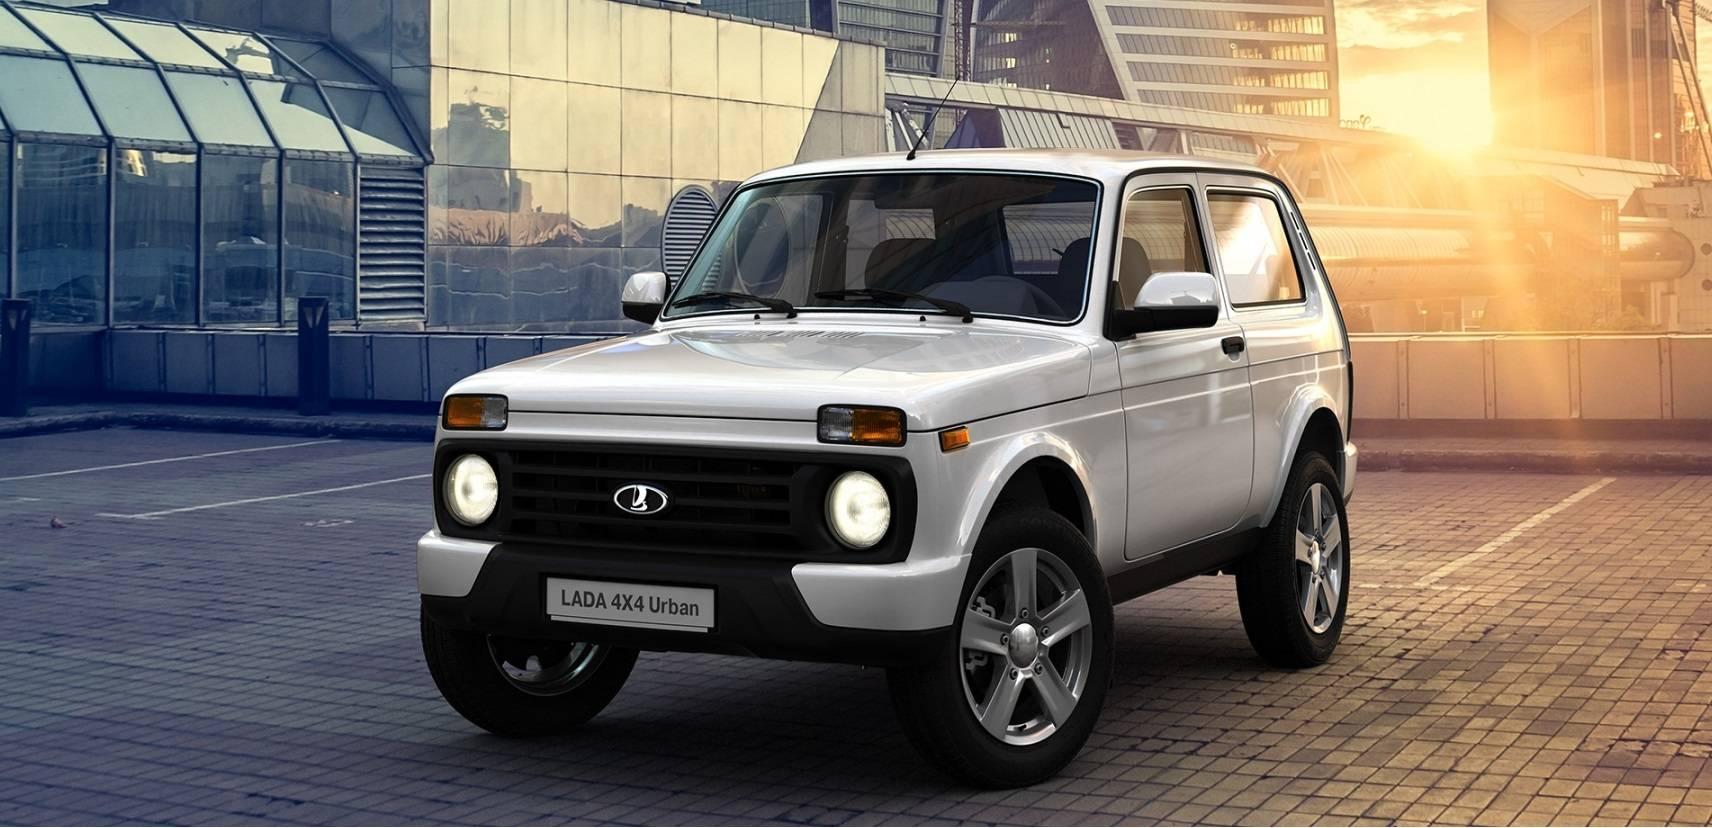 Тест-драйв Lada 4x4: Urban не значит городской